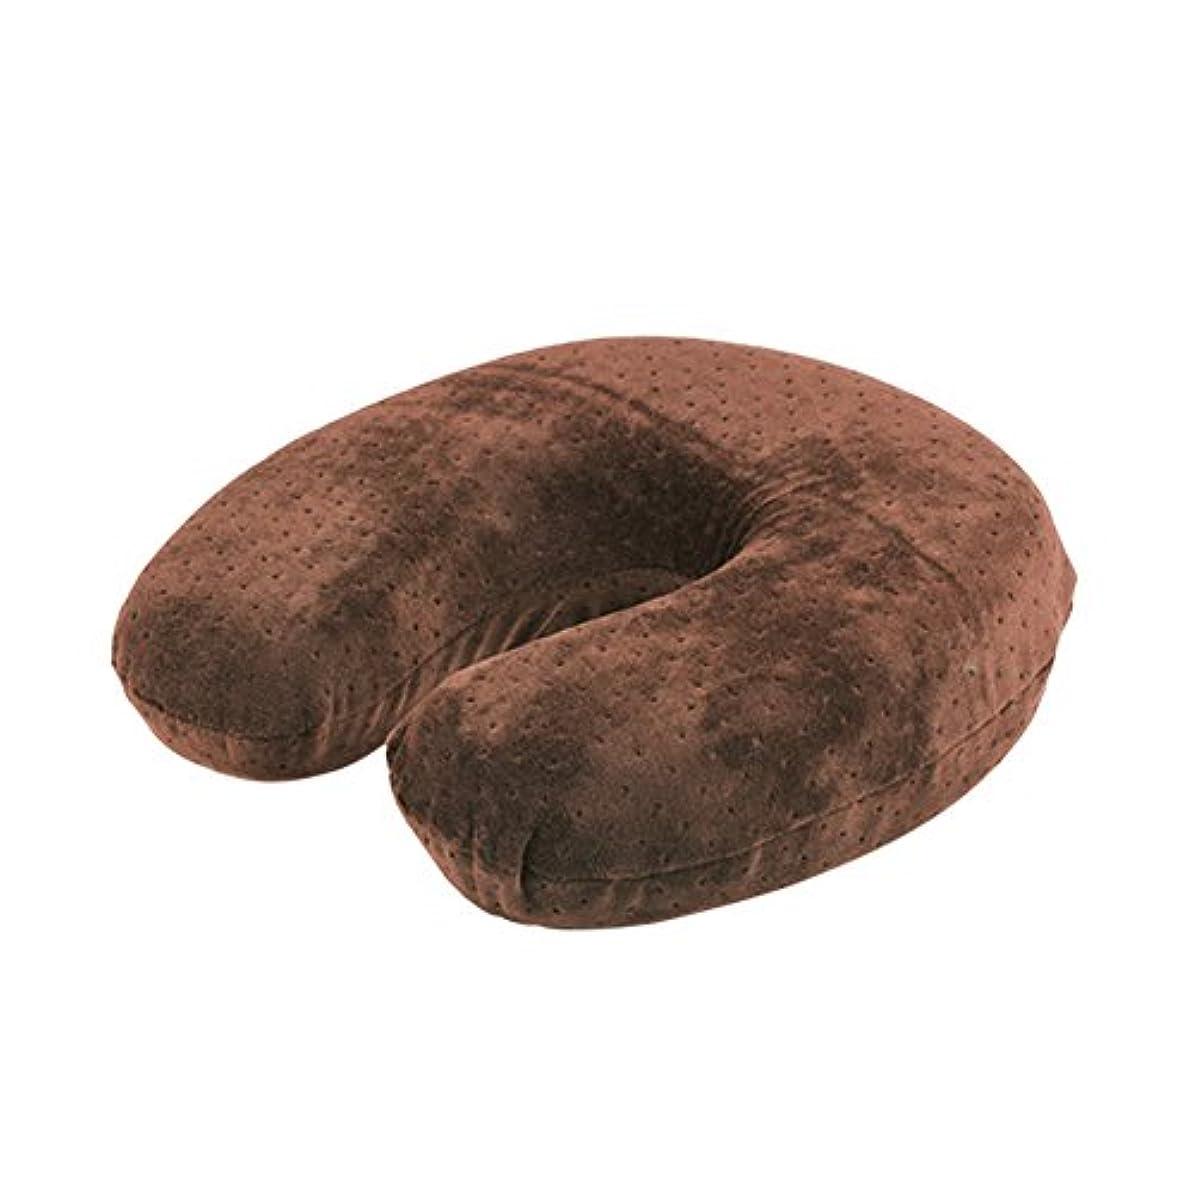 セールマイルストーン租界U字型枕、ビロードの反発の記憶泡の首の頭部の頚部枕残り旅行クッション(Brown)